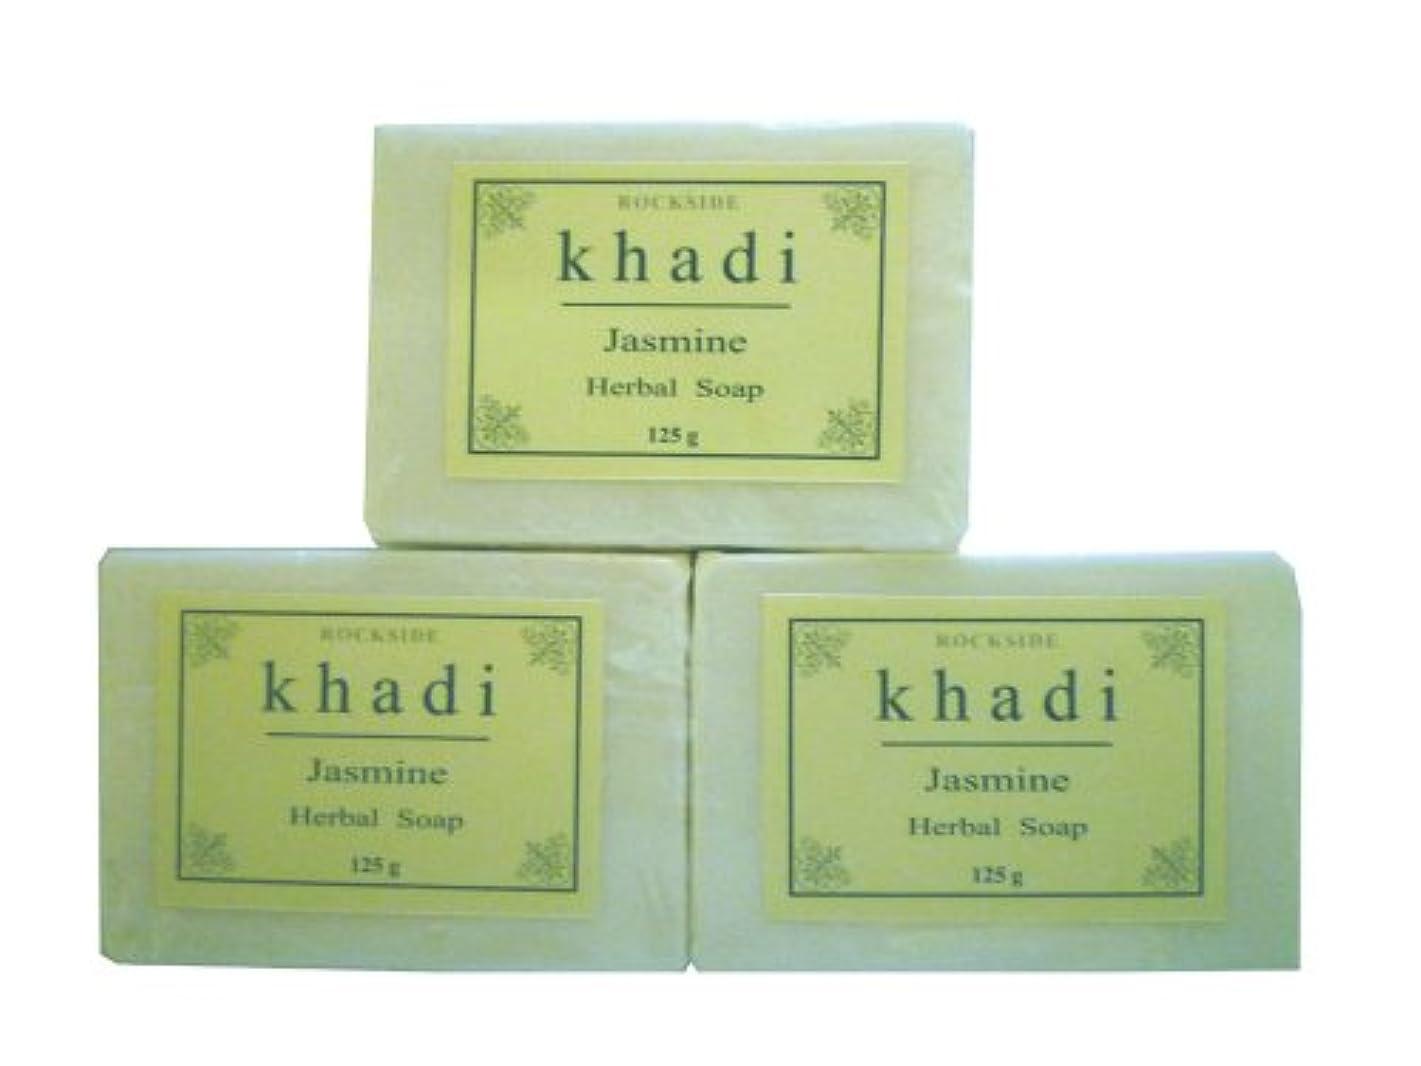 権利を与えるわがまま花輪手作り  カーディ ジャスミン ソープ Khadi Jasmine Soap 3個セット